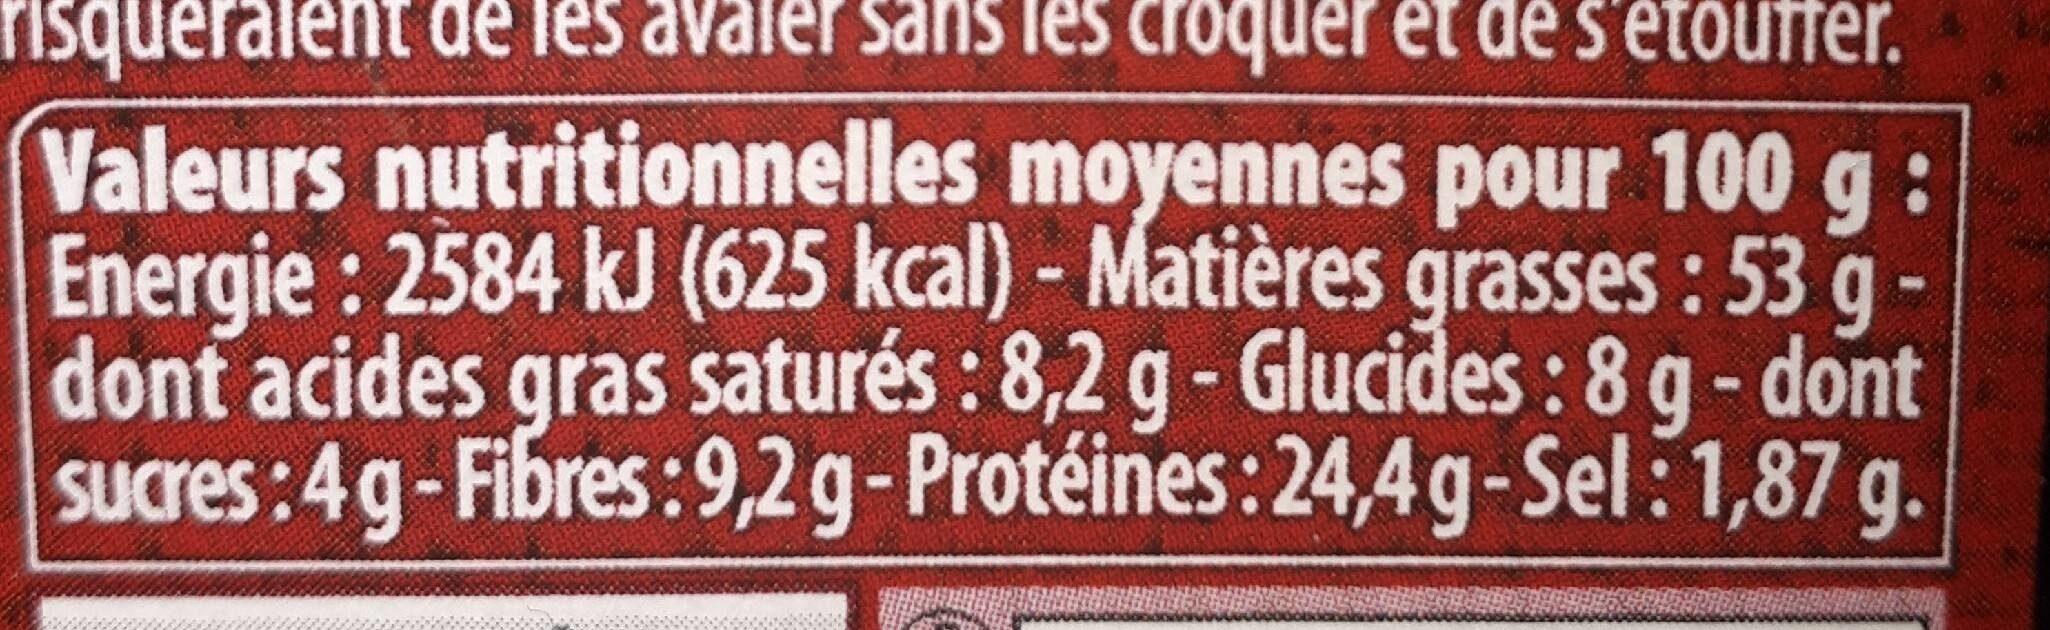 Cacahuètes de comptoir, grillées & salées - Informations nutritionnelles - fr